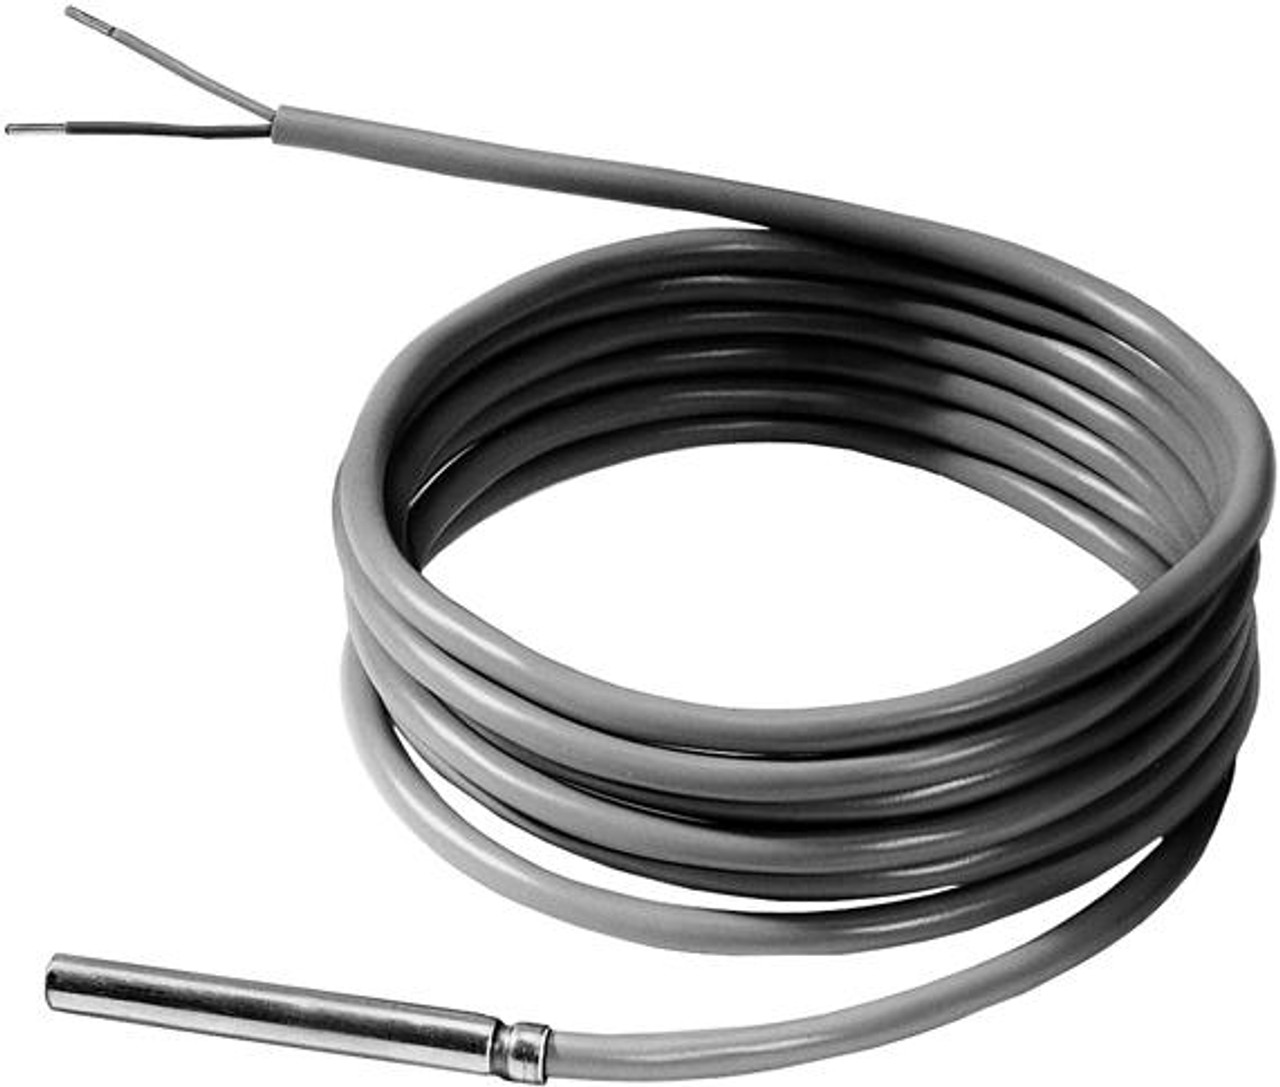 Siemens QAP22 cable temperature sensor